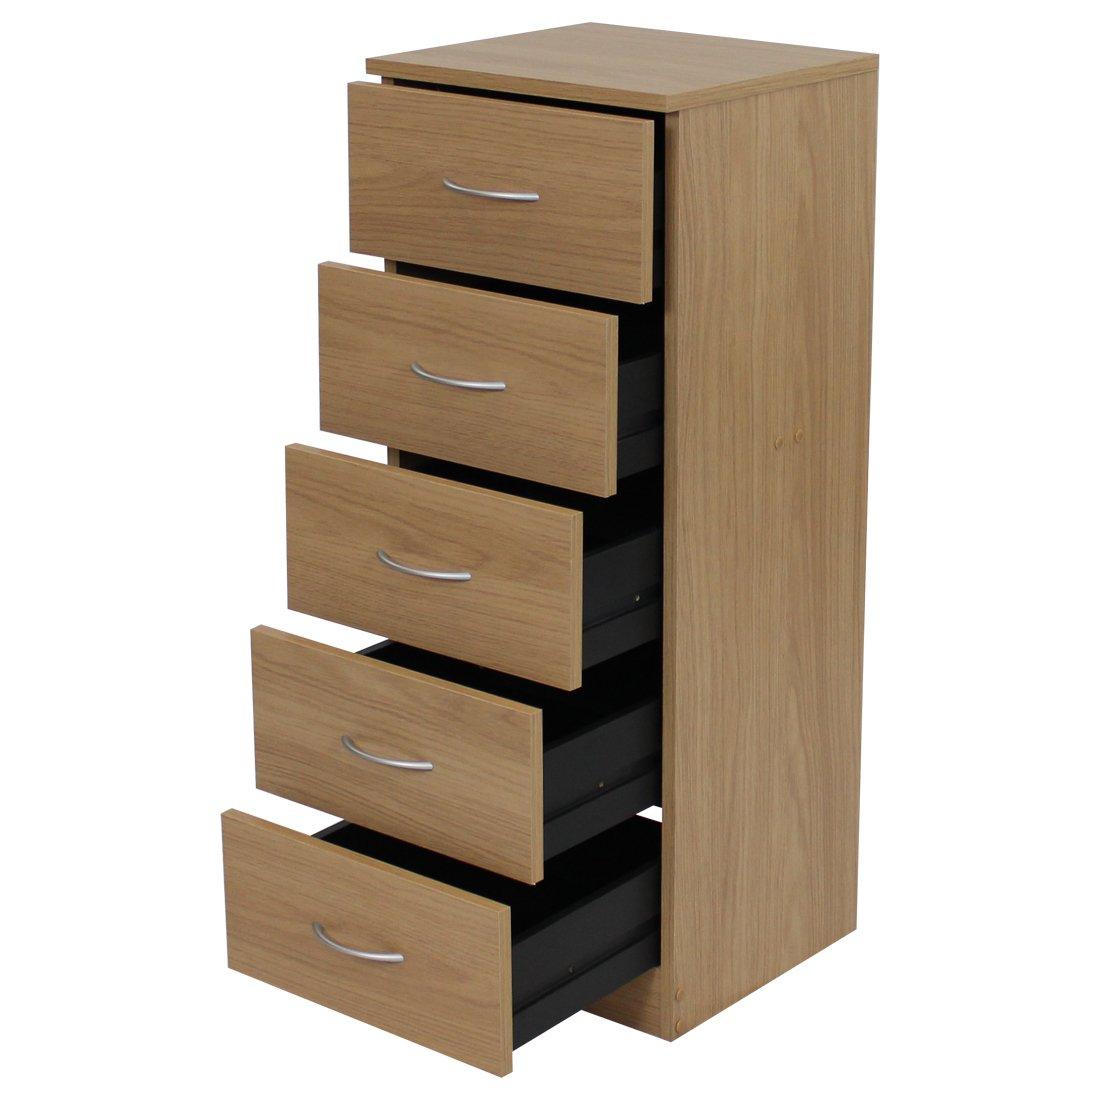 Devoted2home boldon budget bedroom furniture with narrow for Narrow bedroom furniture